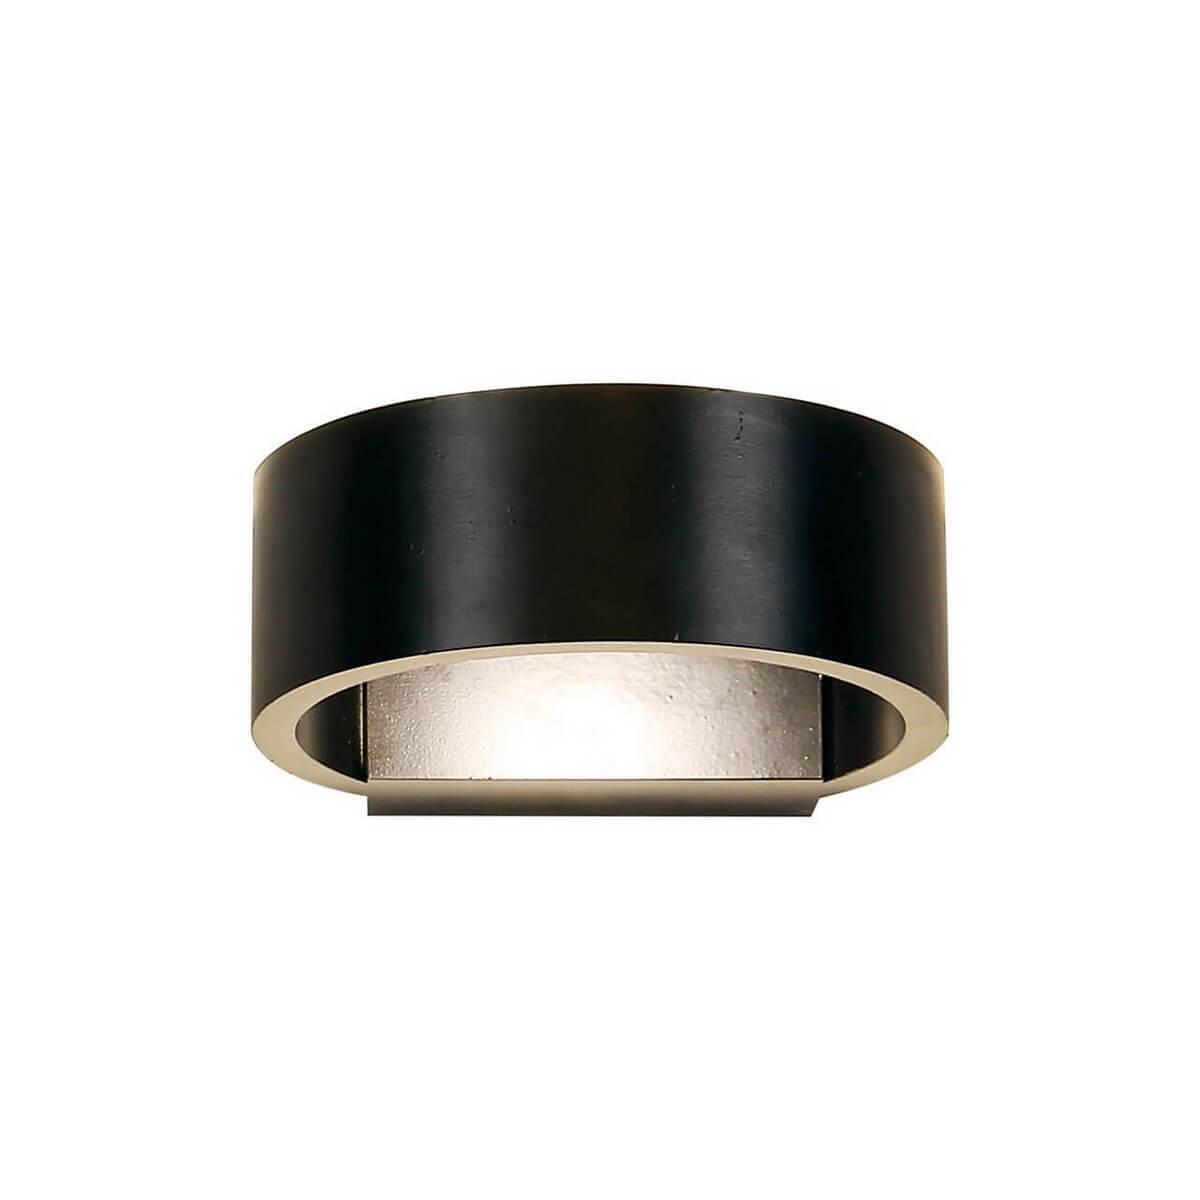 Настенный светильник Kink Light 08699, LED, 5 Вт kink light настенный светильник italline ufo black gold